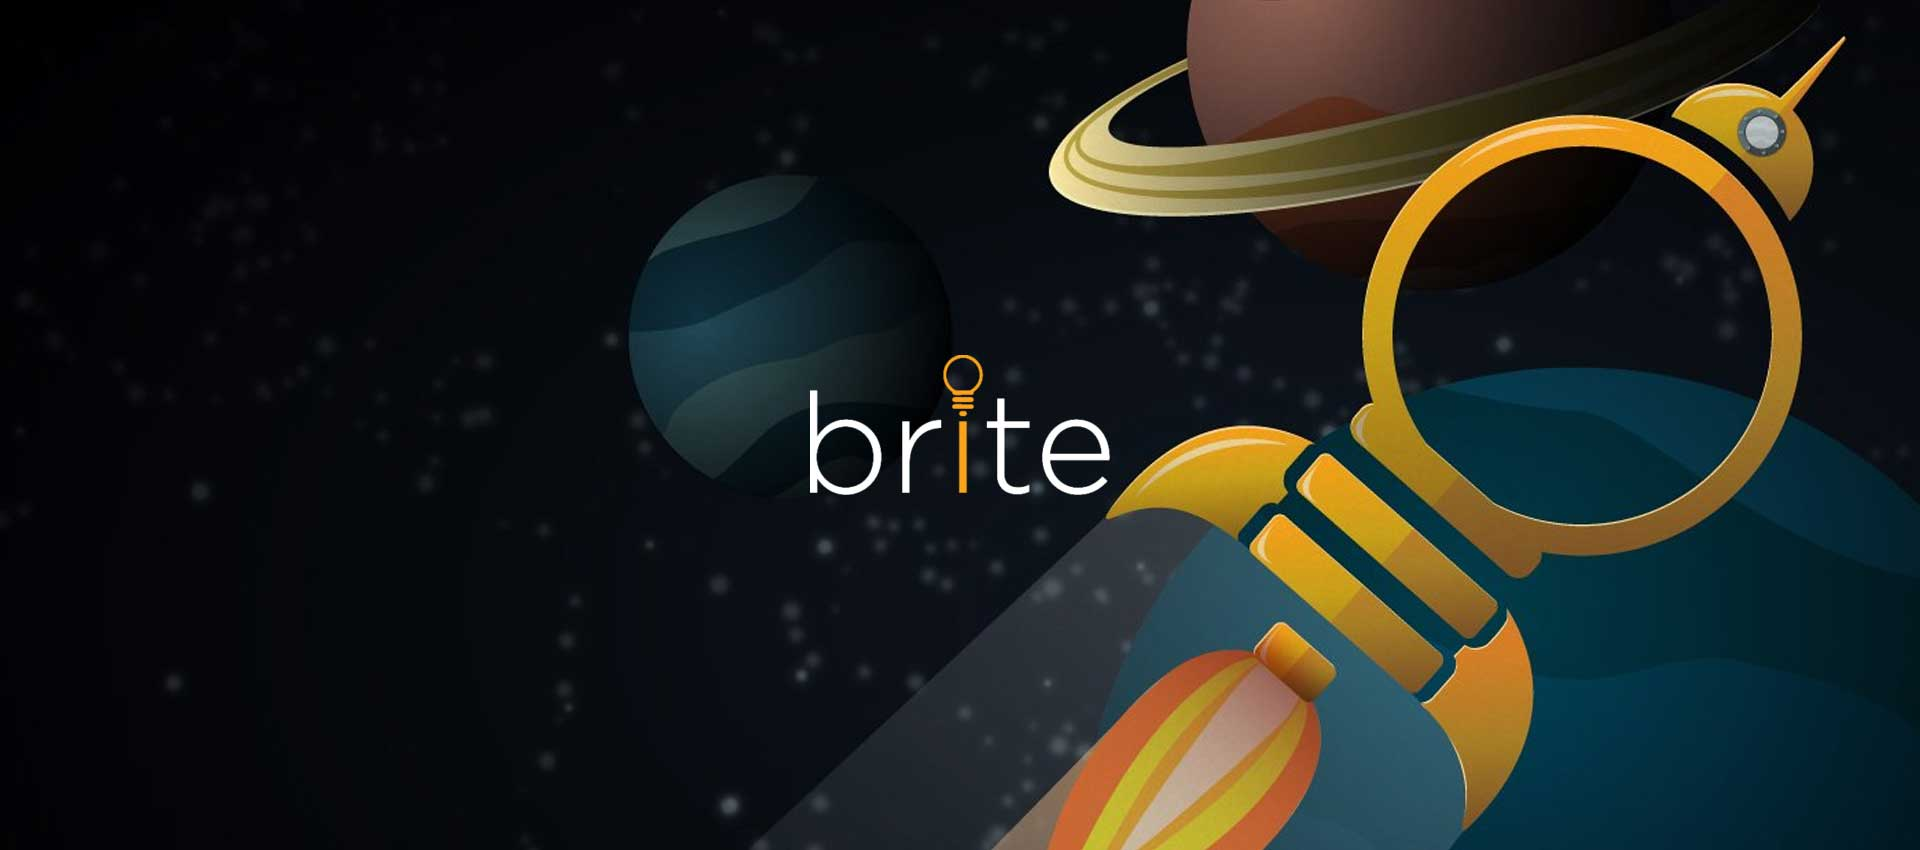 Thông tin tổng quan, khó khăn và kết quả đạt được của dự án Brite Conference